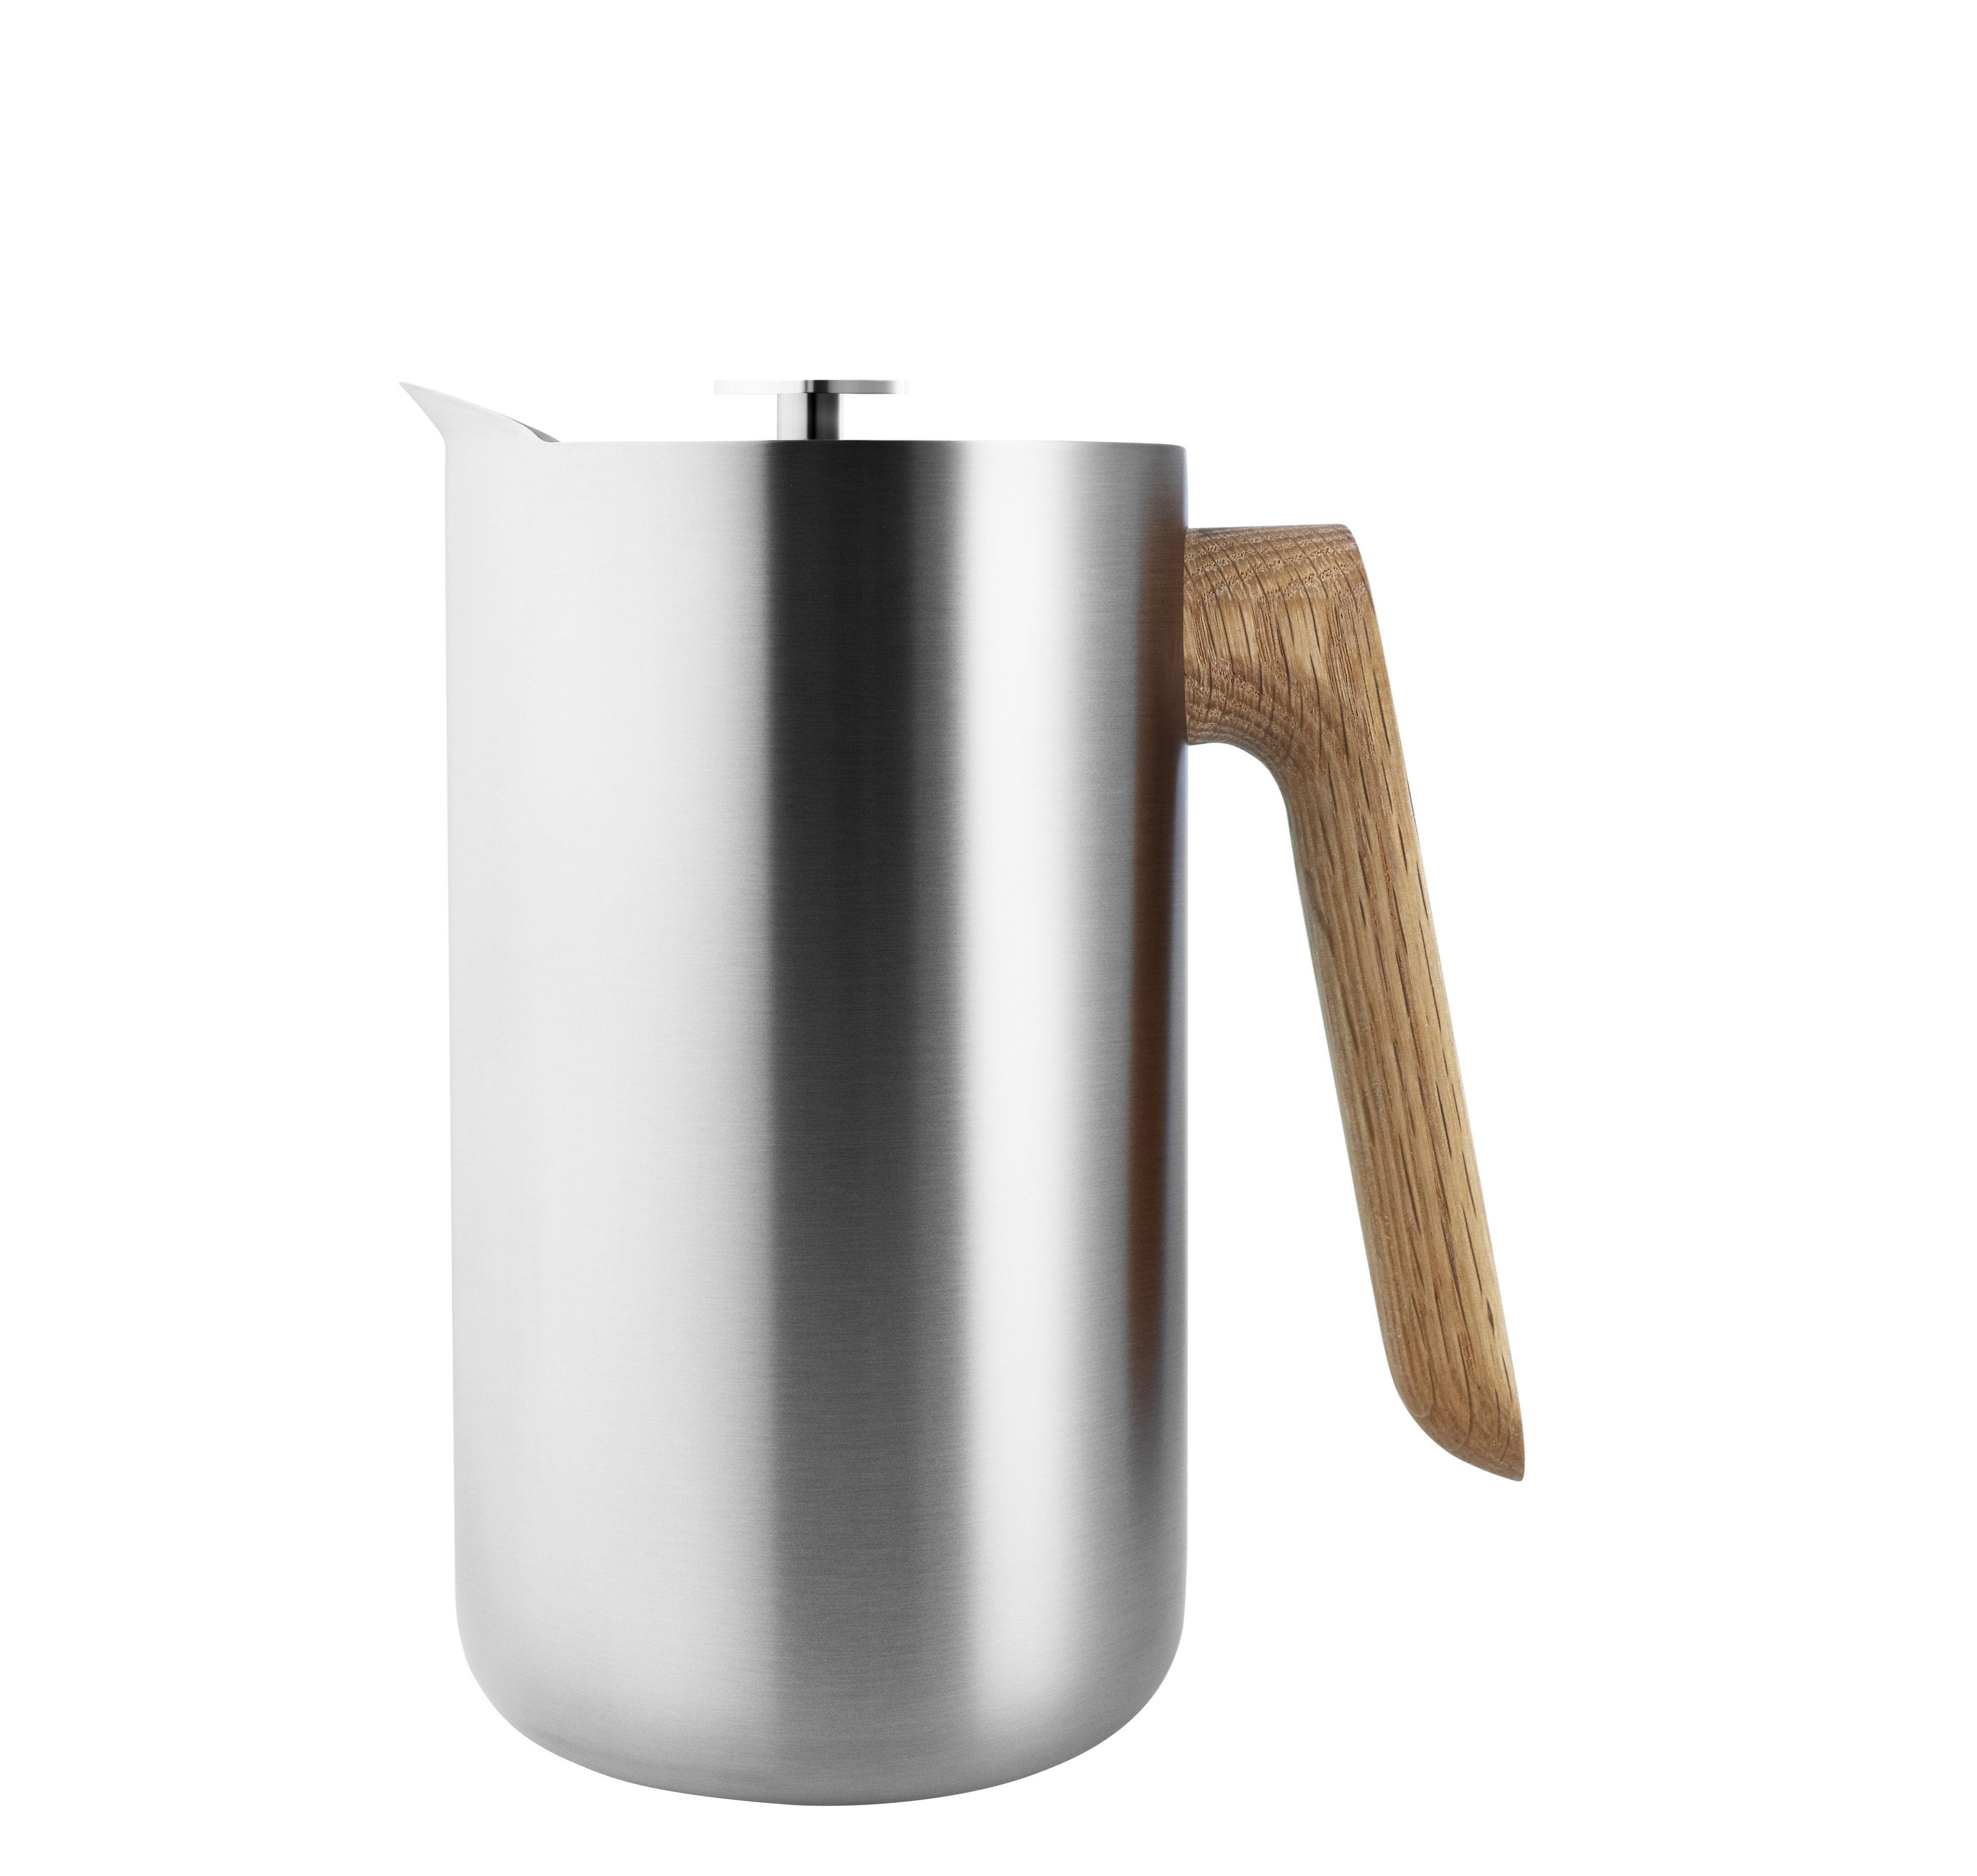 Tischkultur - Tee und Kaffee - Nordic Kitchen Druckkolben-Kaffeemaschine / Thermoskanne - 1 l - Eva Solo - Edelstahl / Eiche - Eiche, rostfreier Stahl